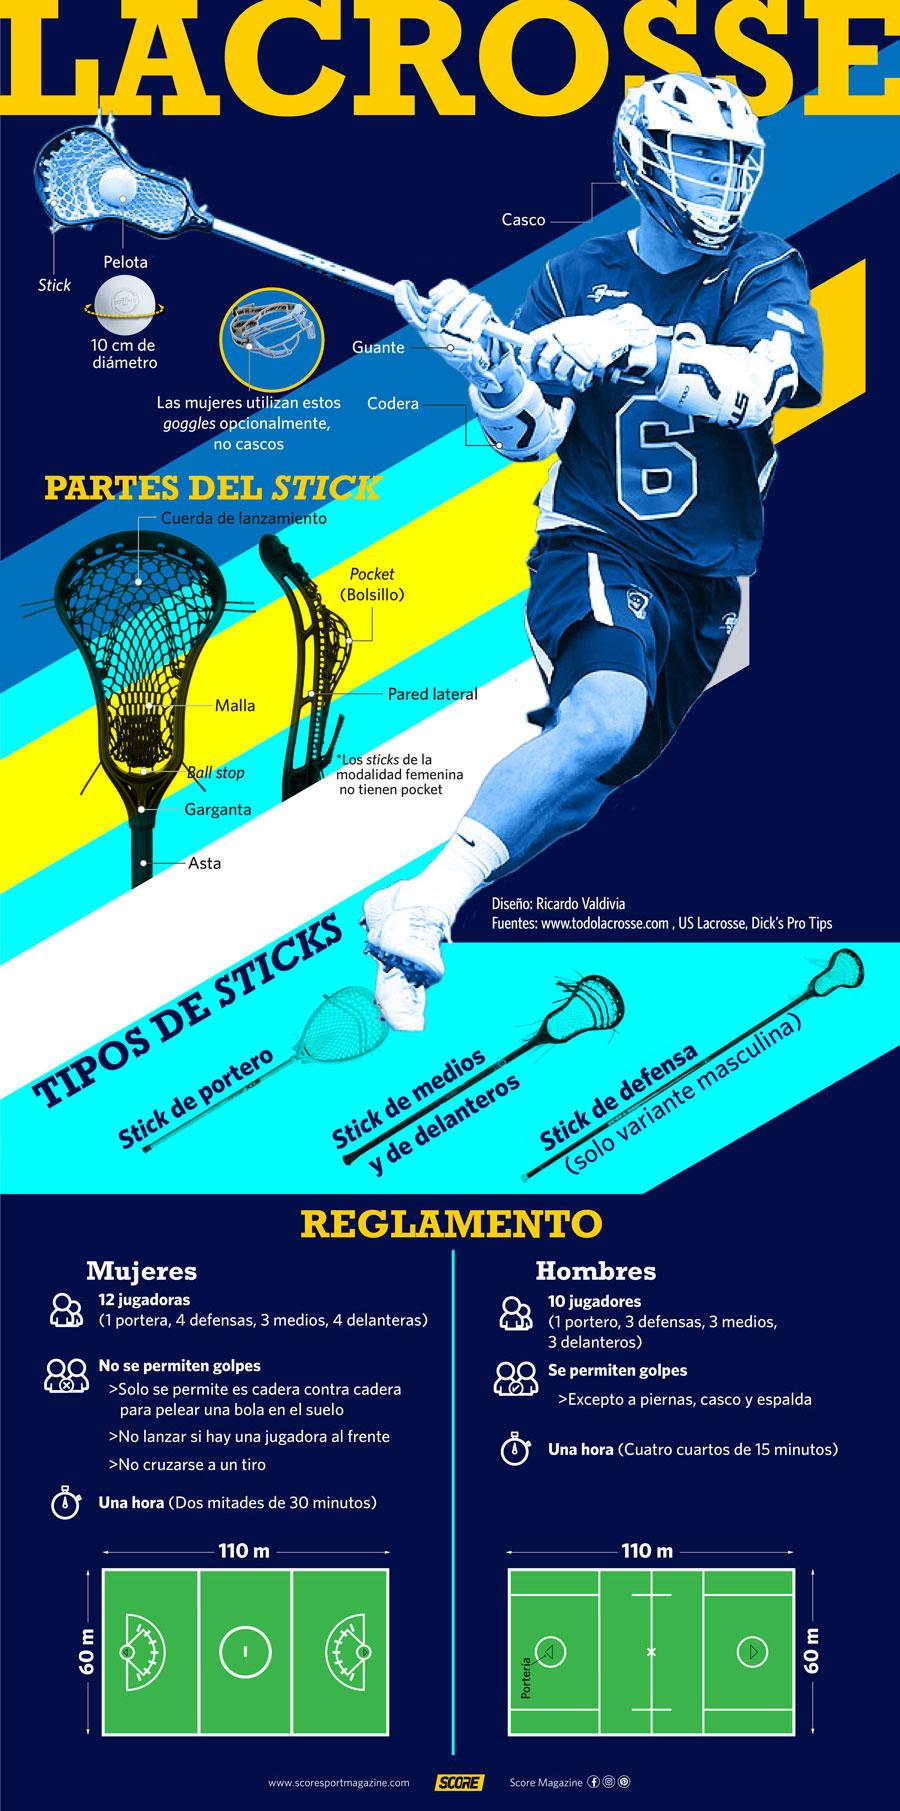 Infografía Lacrosse